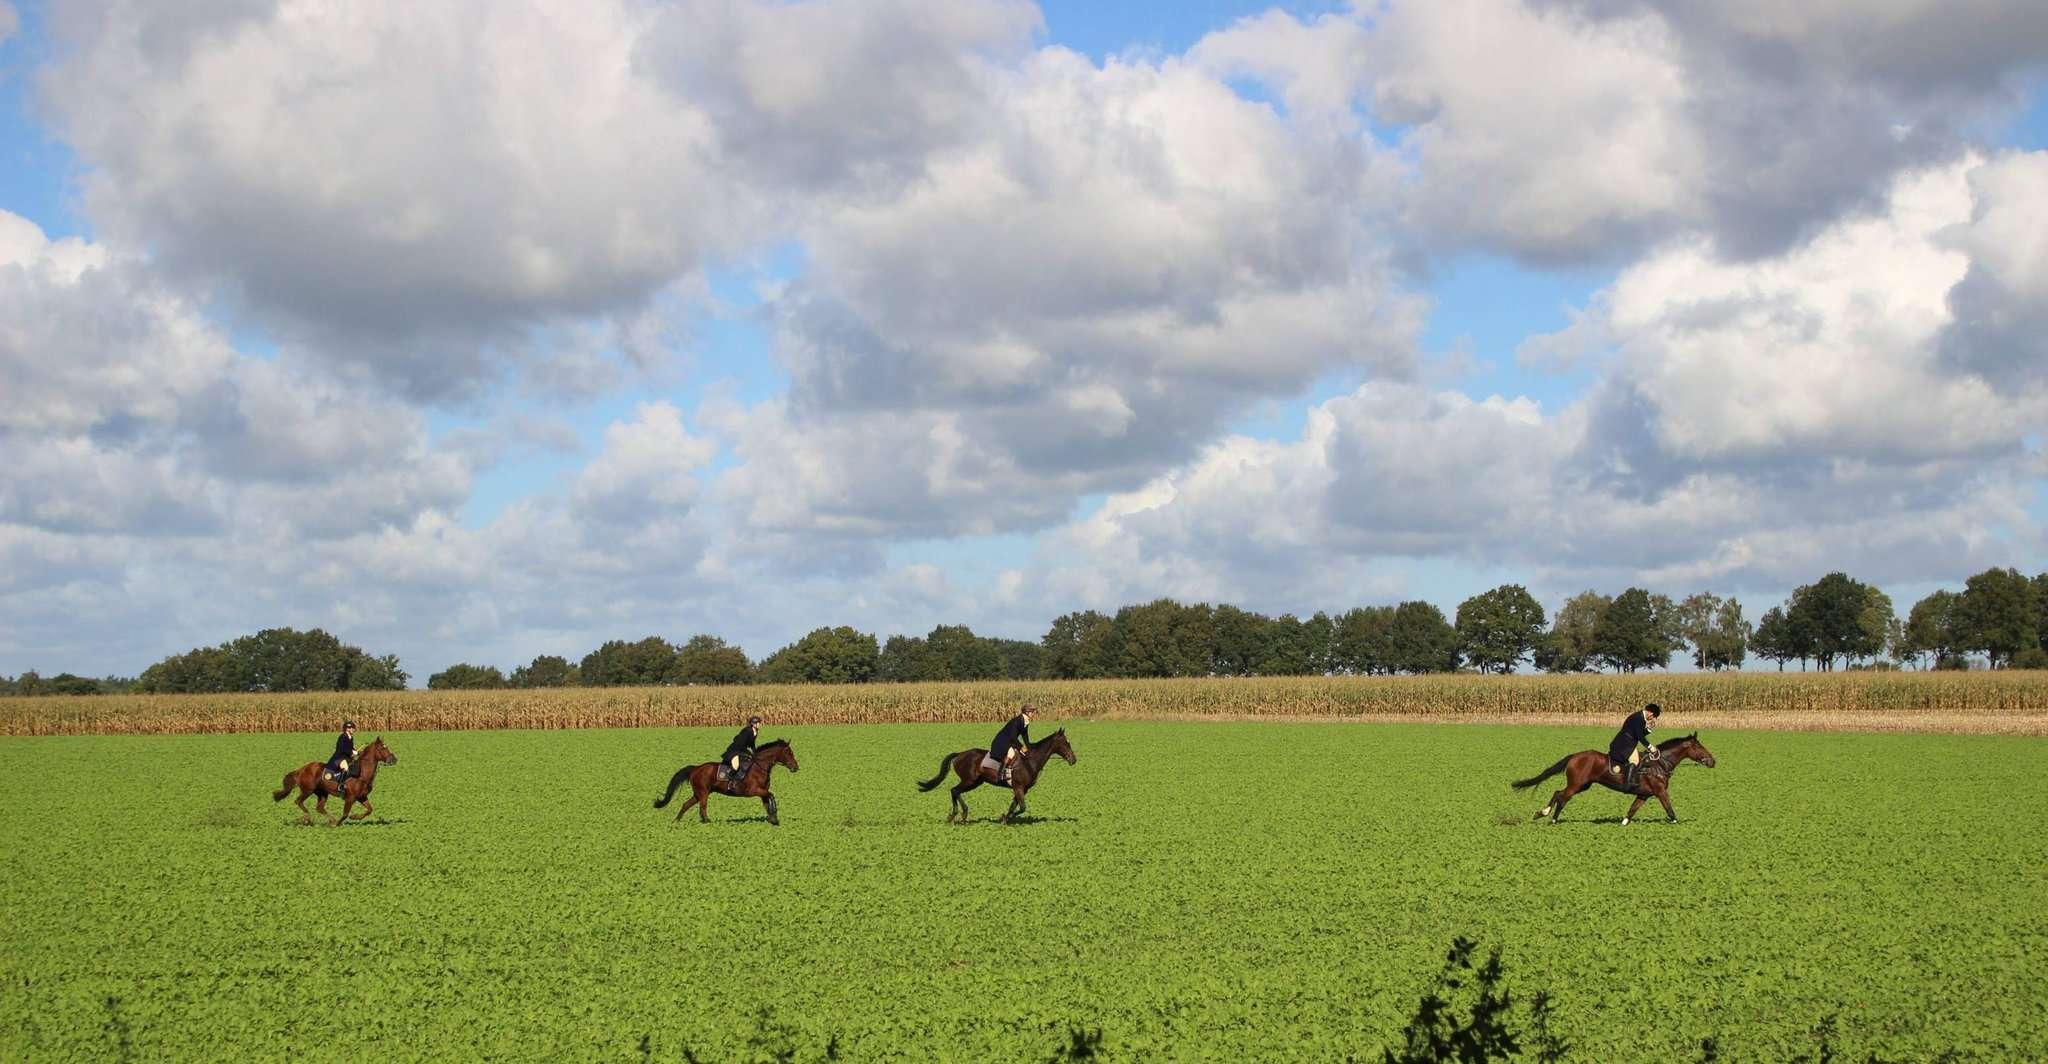 Bei bestem Wetter zogen die Teilnehmer der Schleppjagd mit ihren Pferden über die Felder.